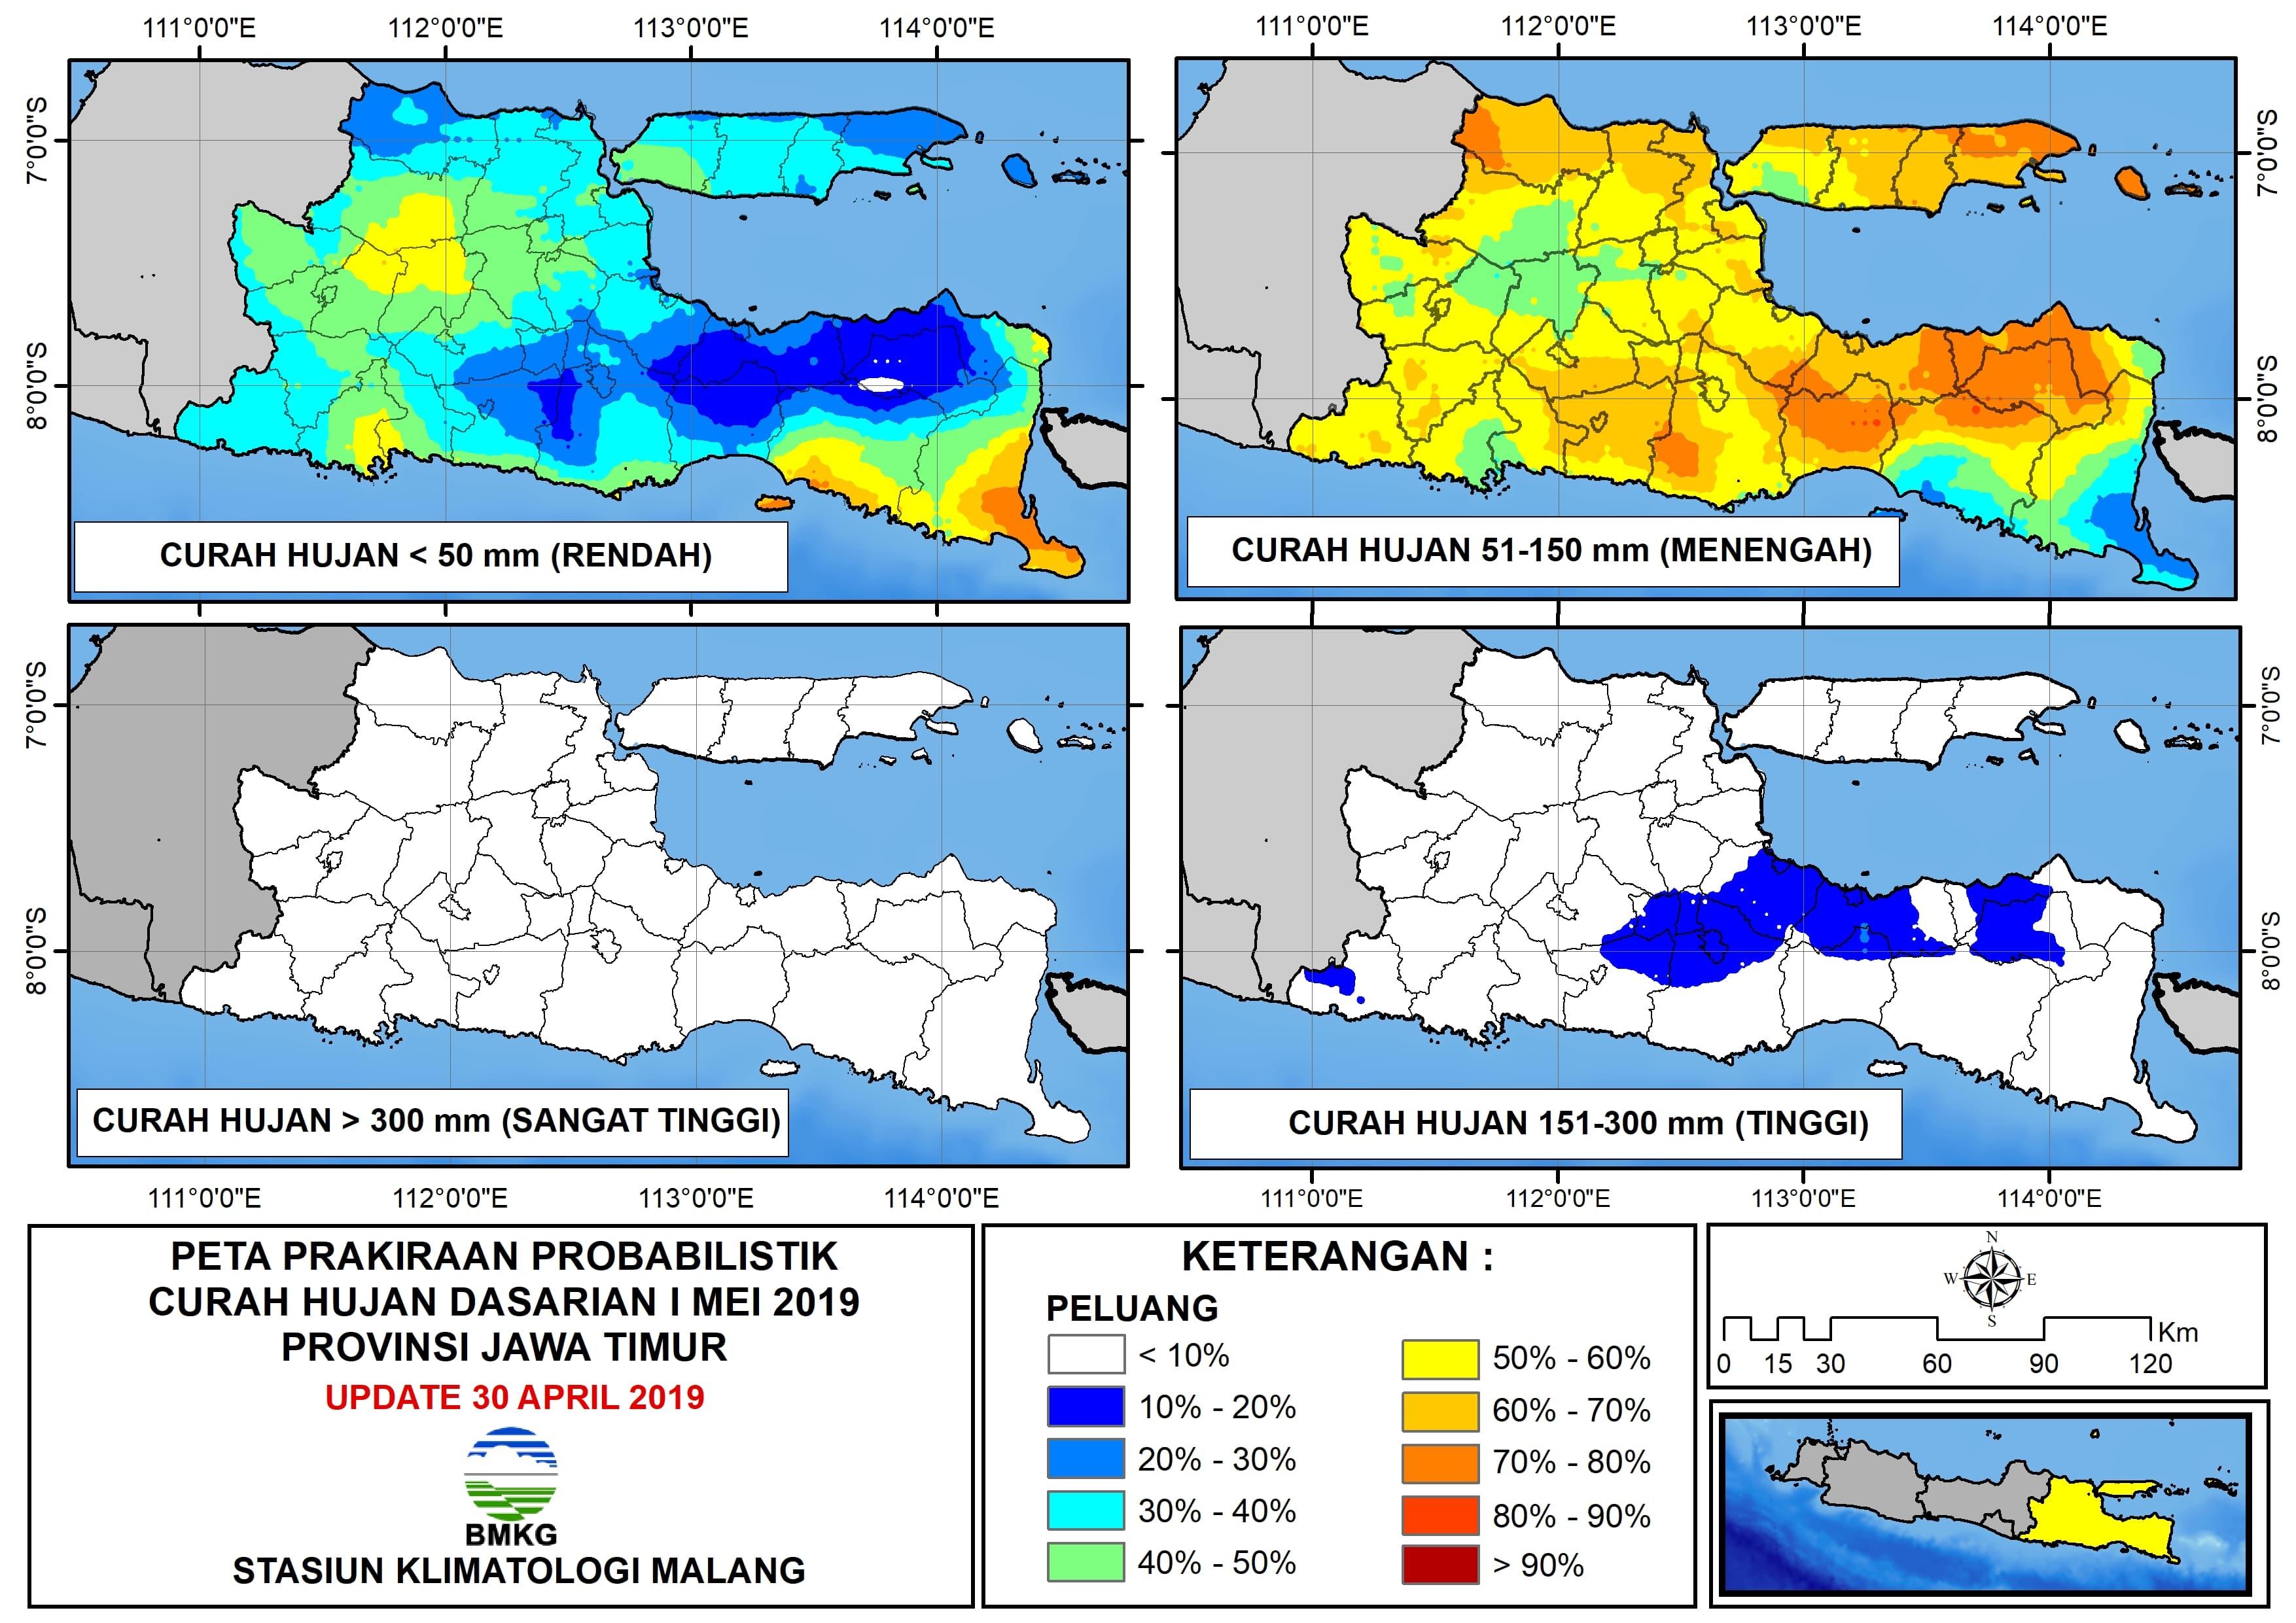 Peta Analisis Distribusi Sifat Hujan Dasarian II April 2019 di Provinsi Jawa Timur